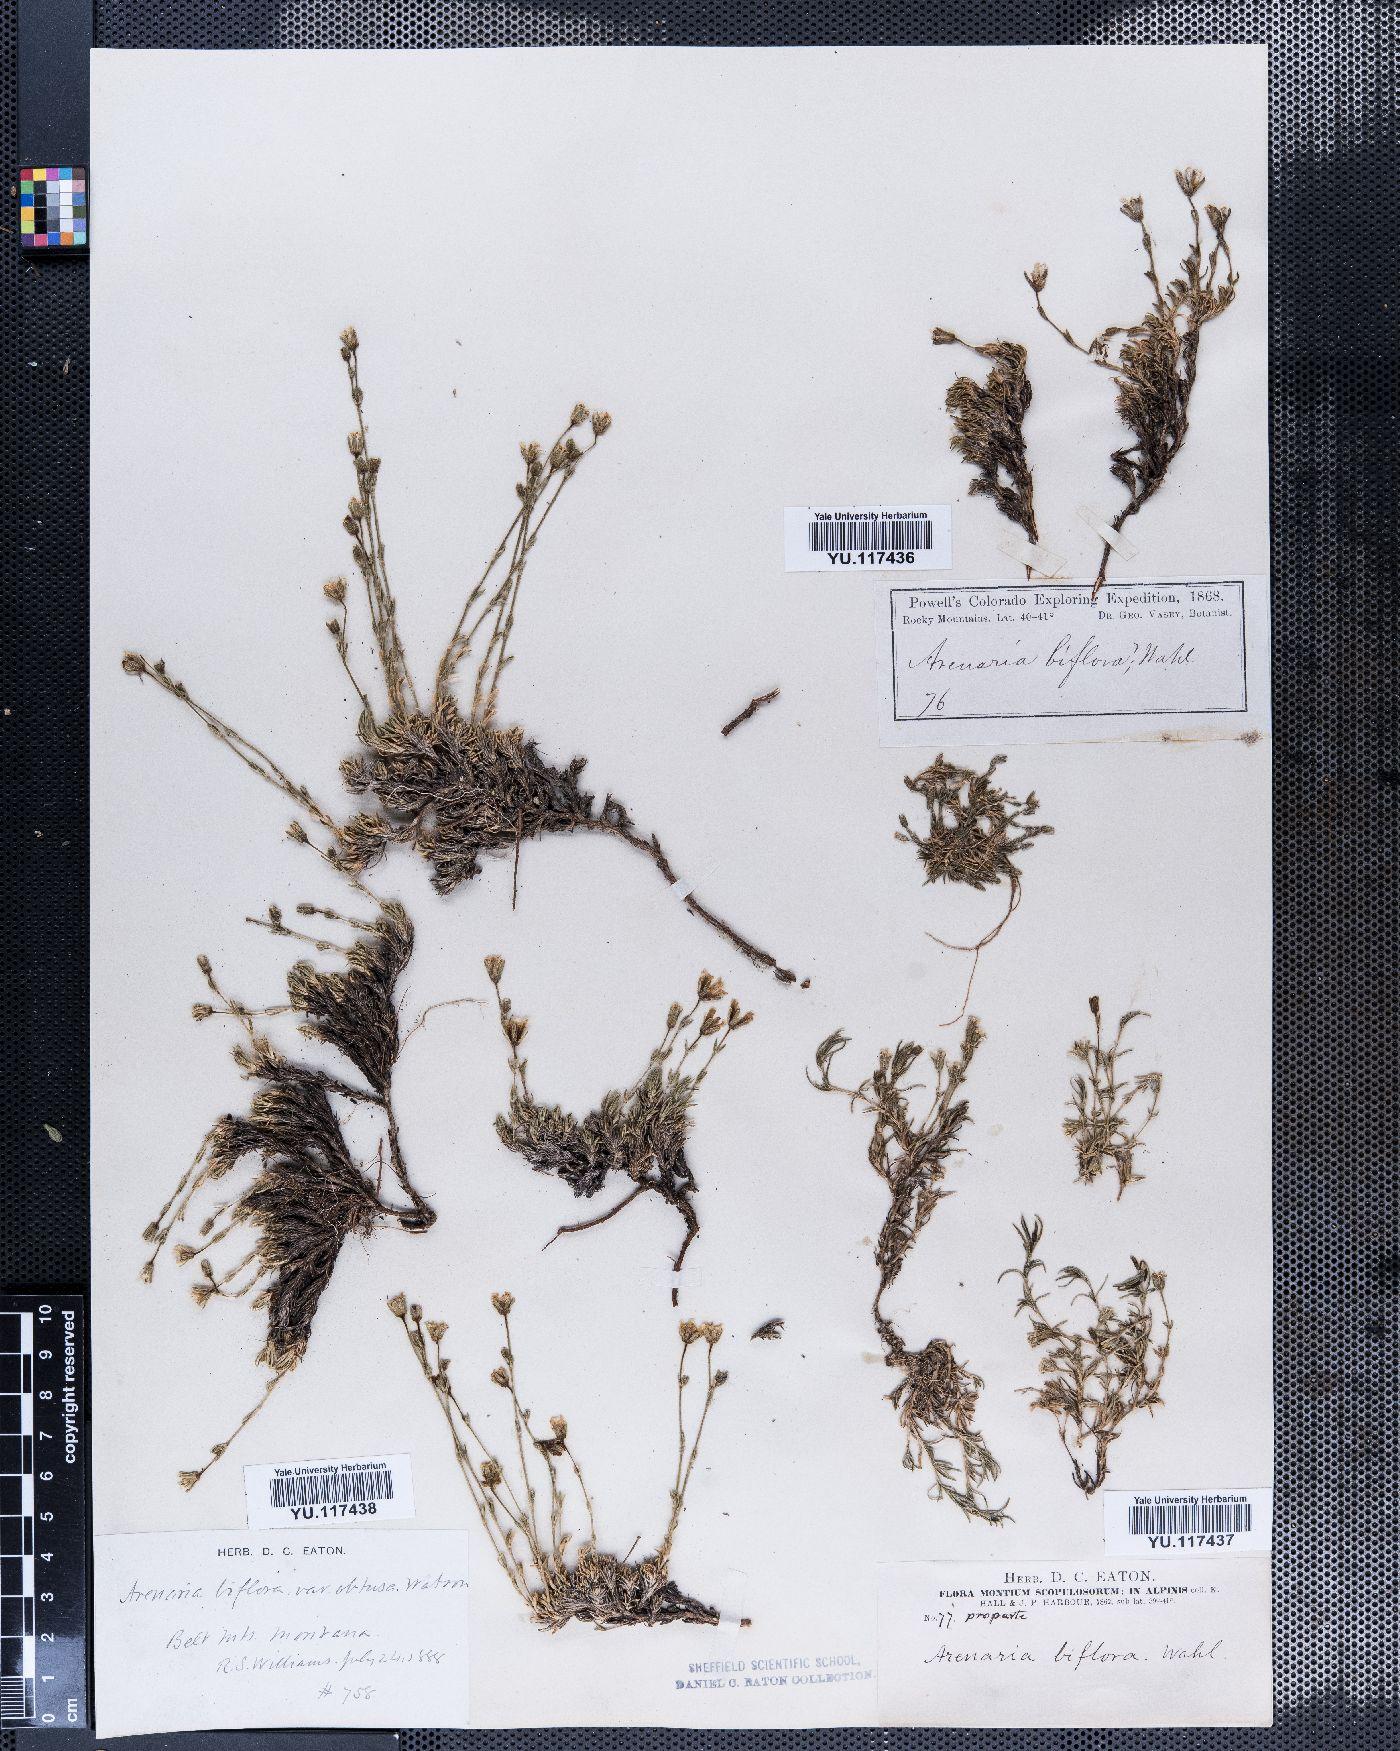 Arenaria biflora image